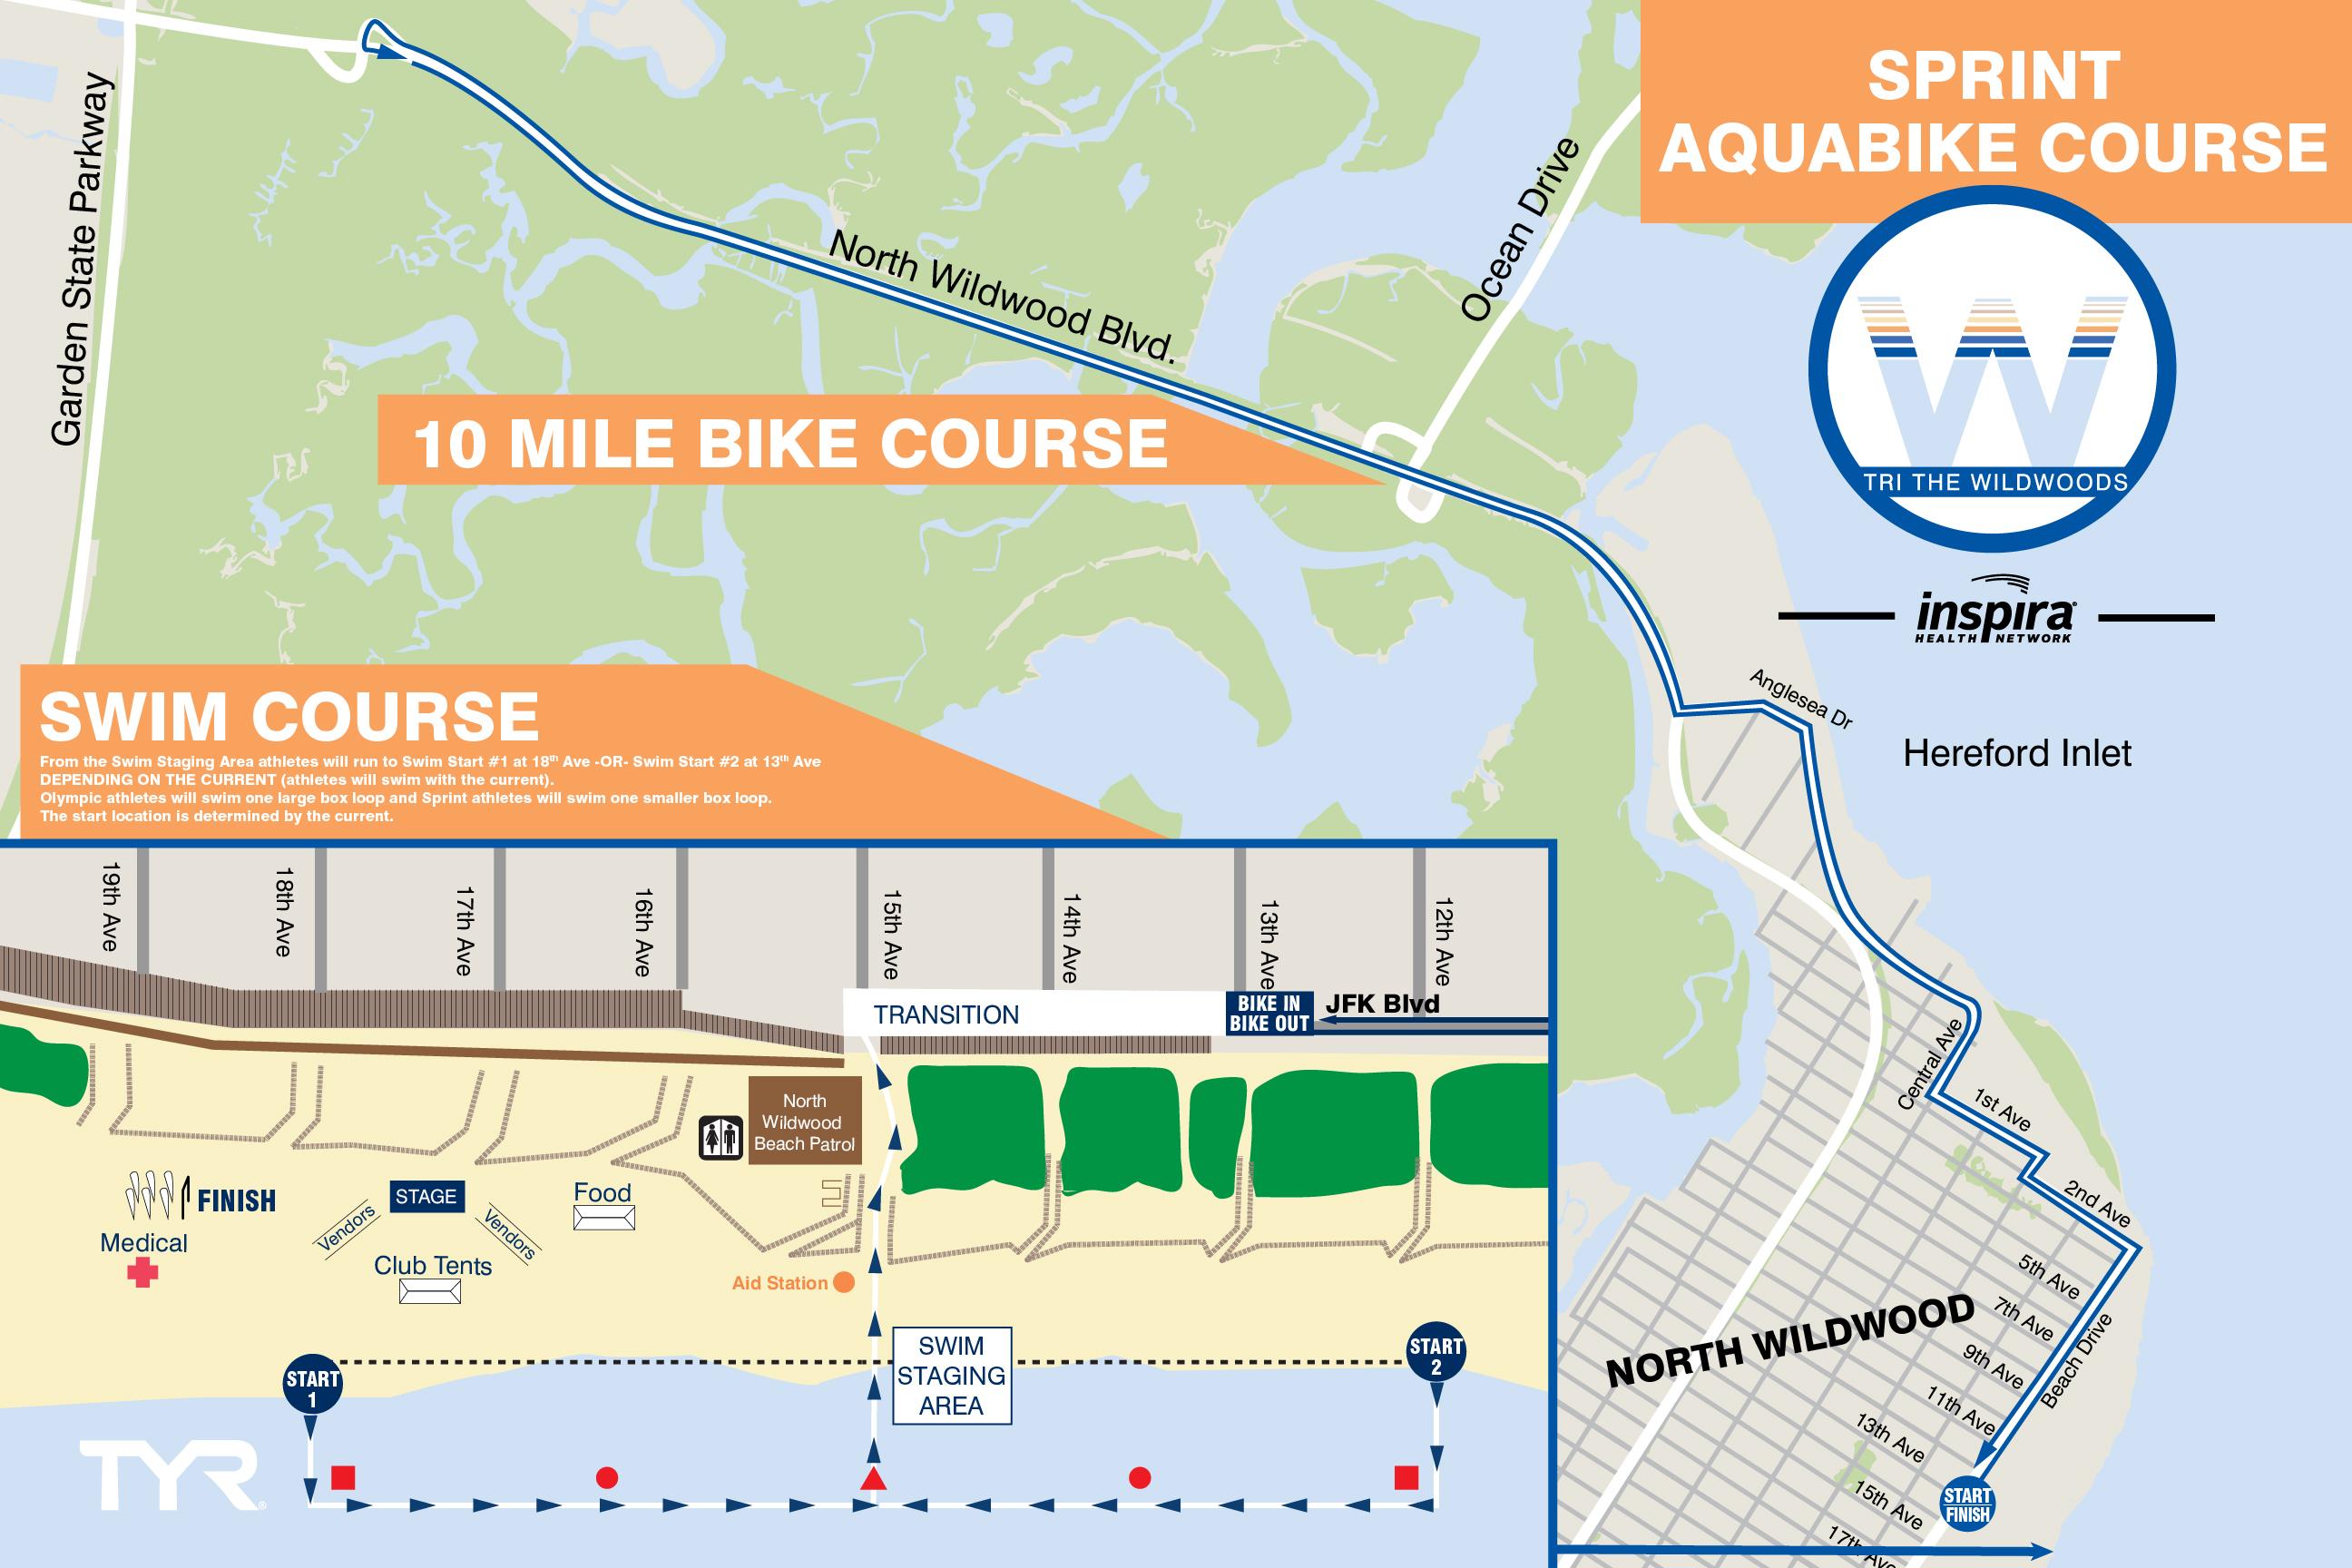 Aquabike Sprint Course